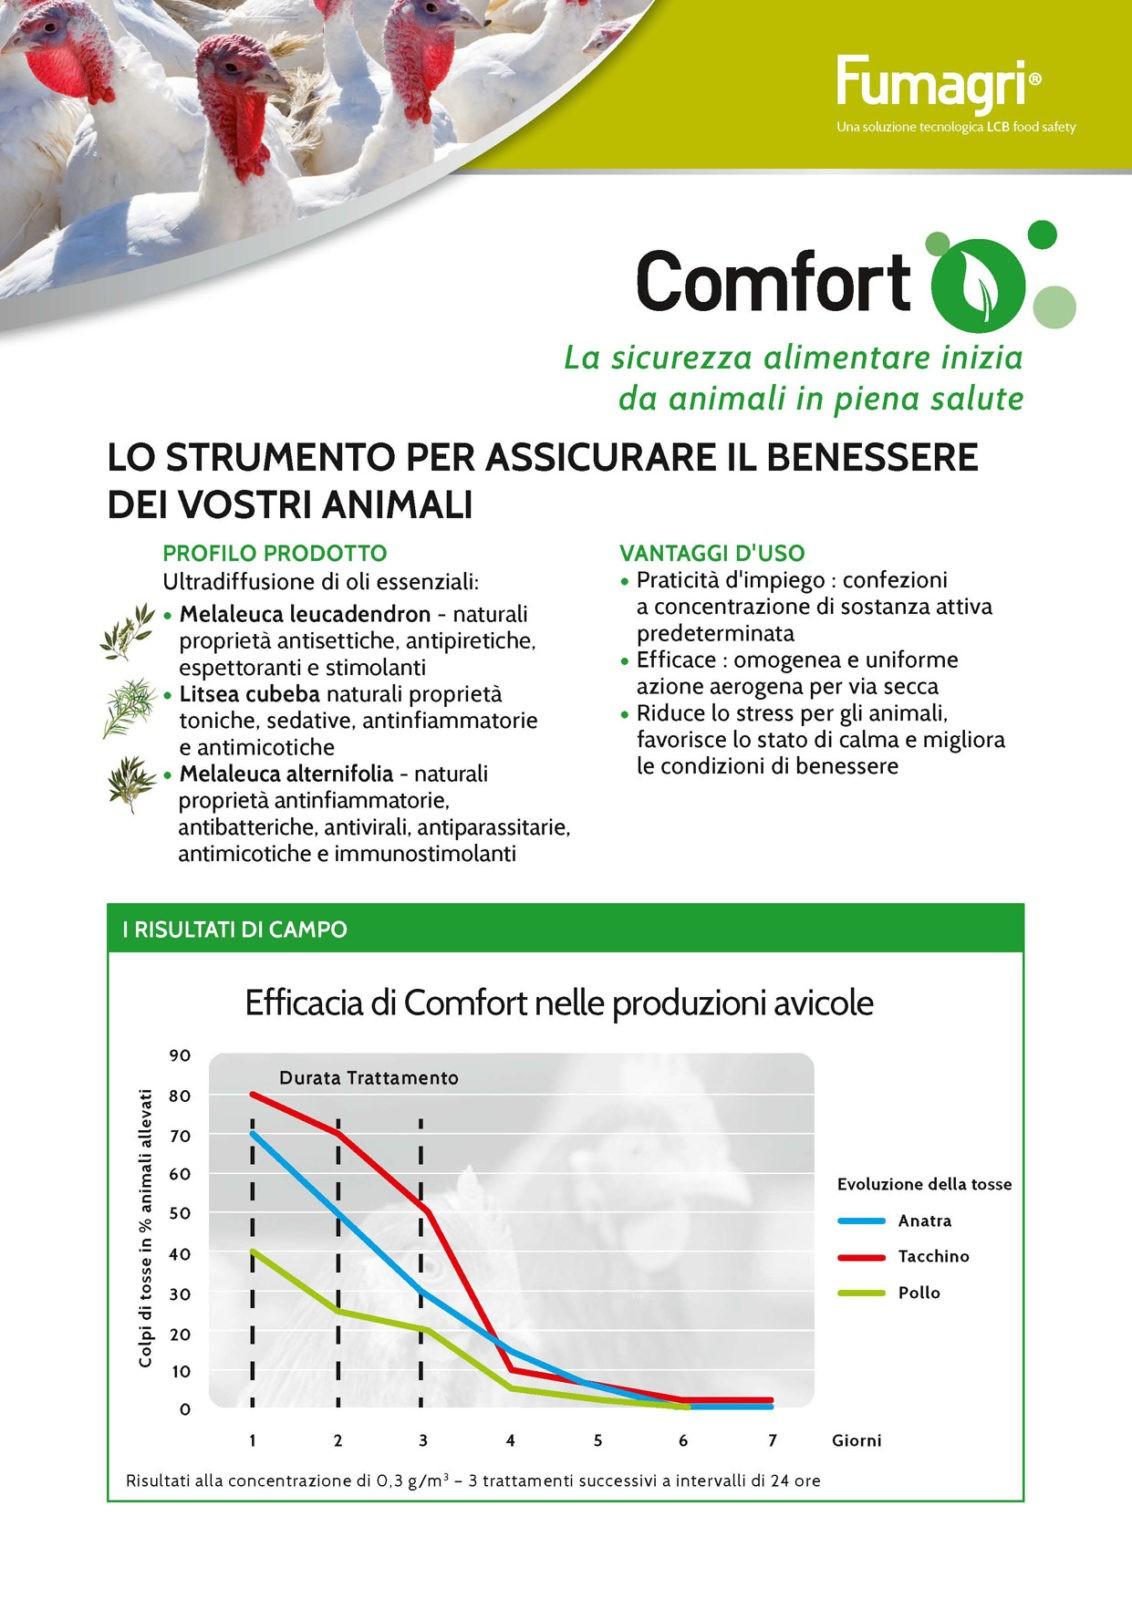 Comfort: lo strumento per assicurare il benessere dei vostri animali